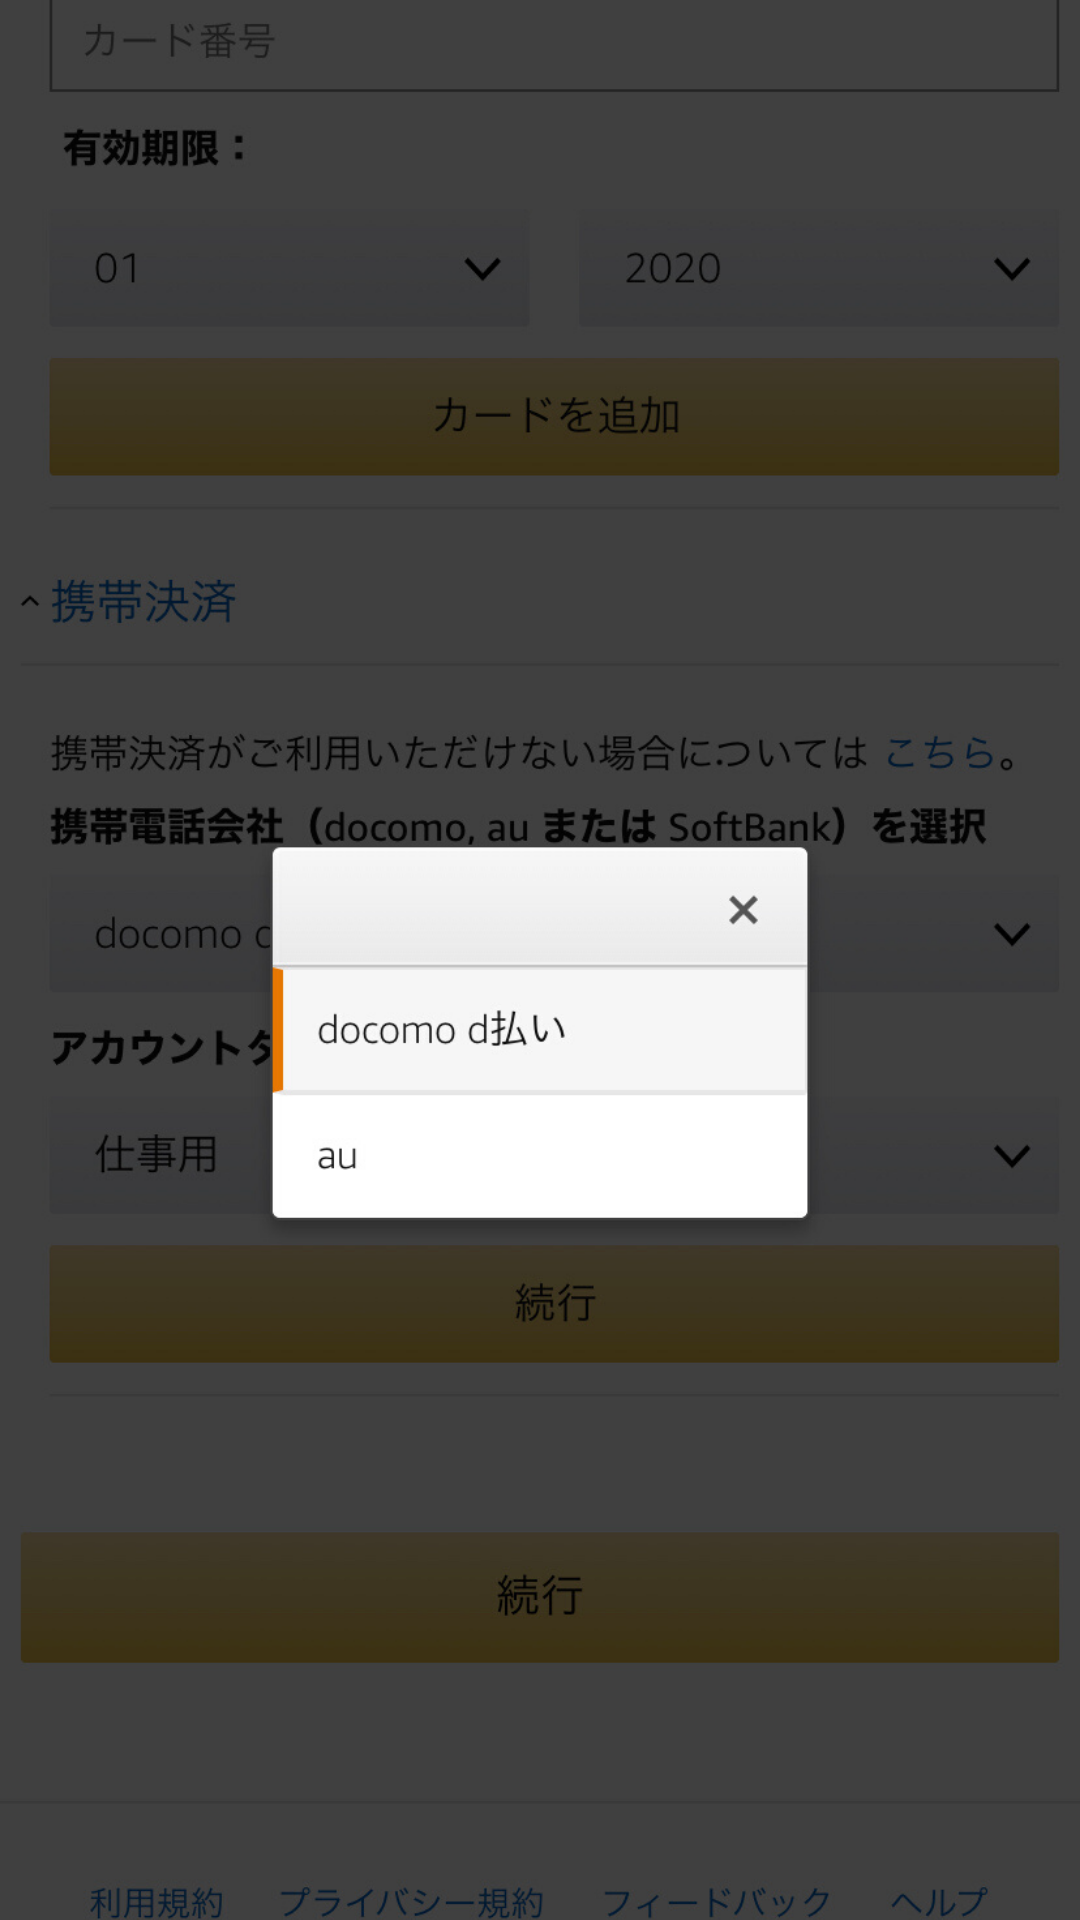 携帯決済の場合、ここではなぜかdocomoかauしか選択できません